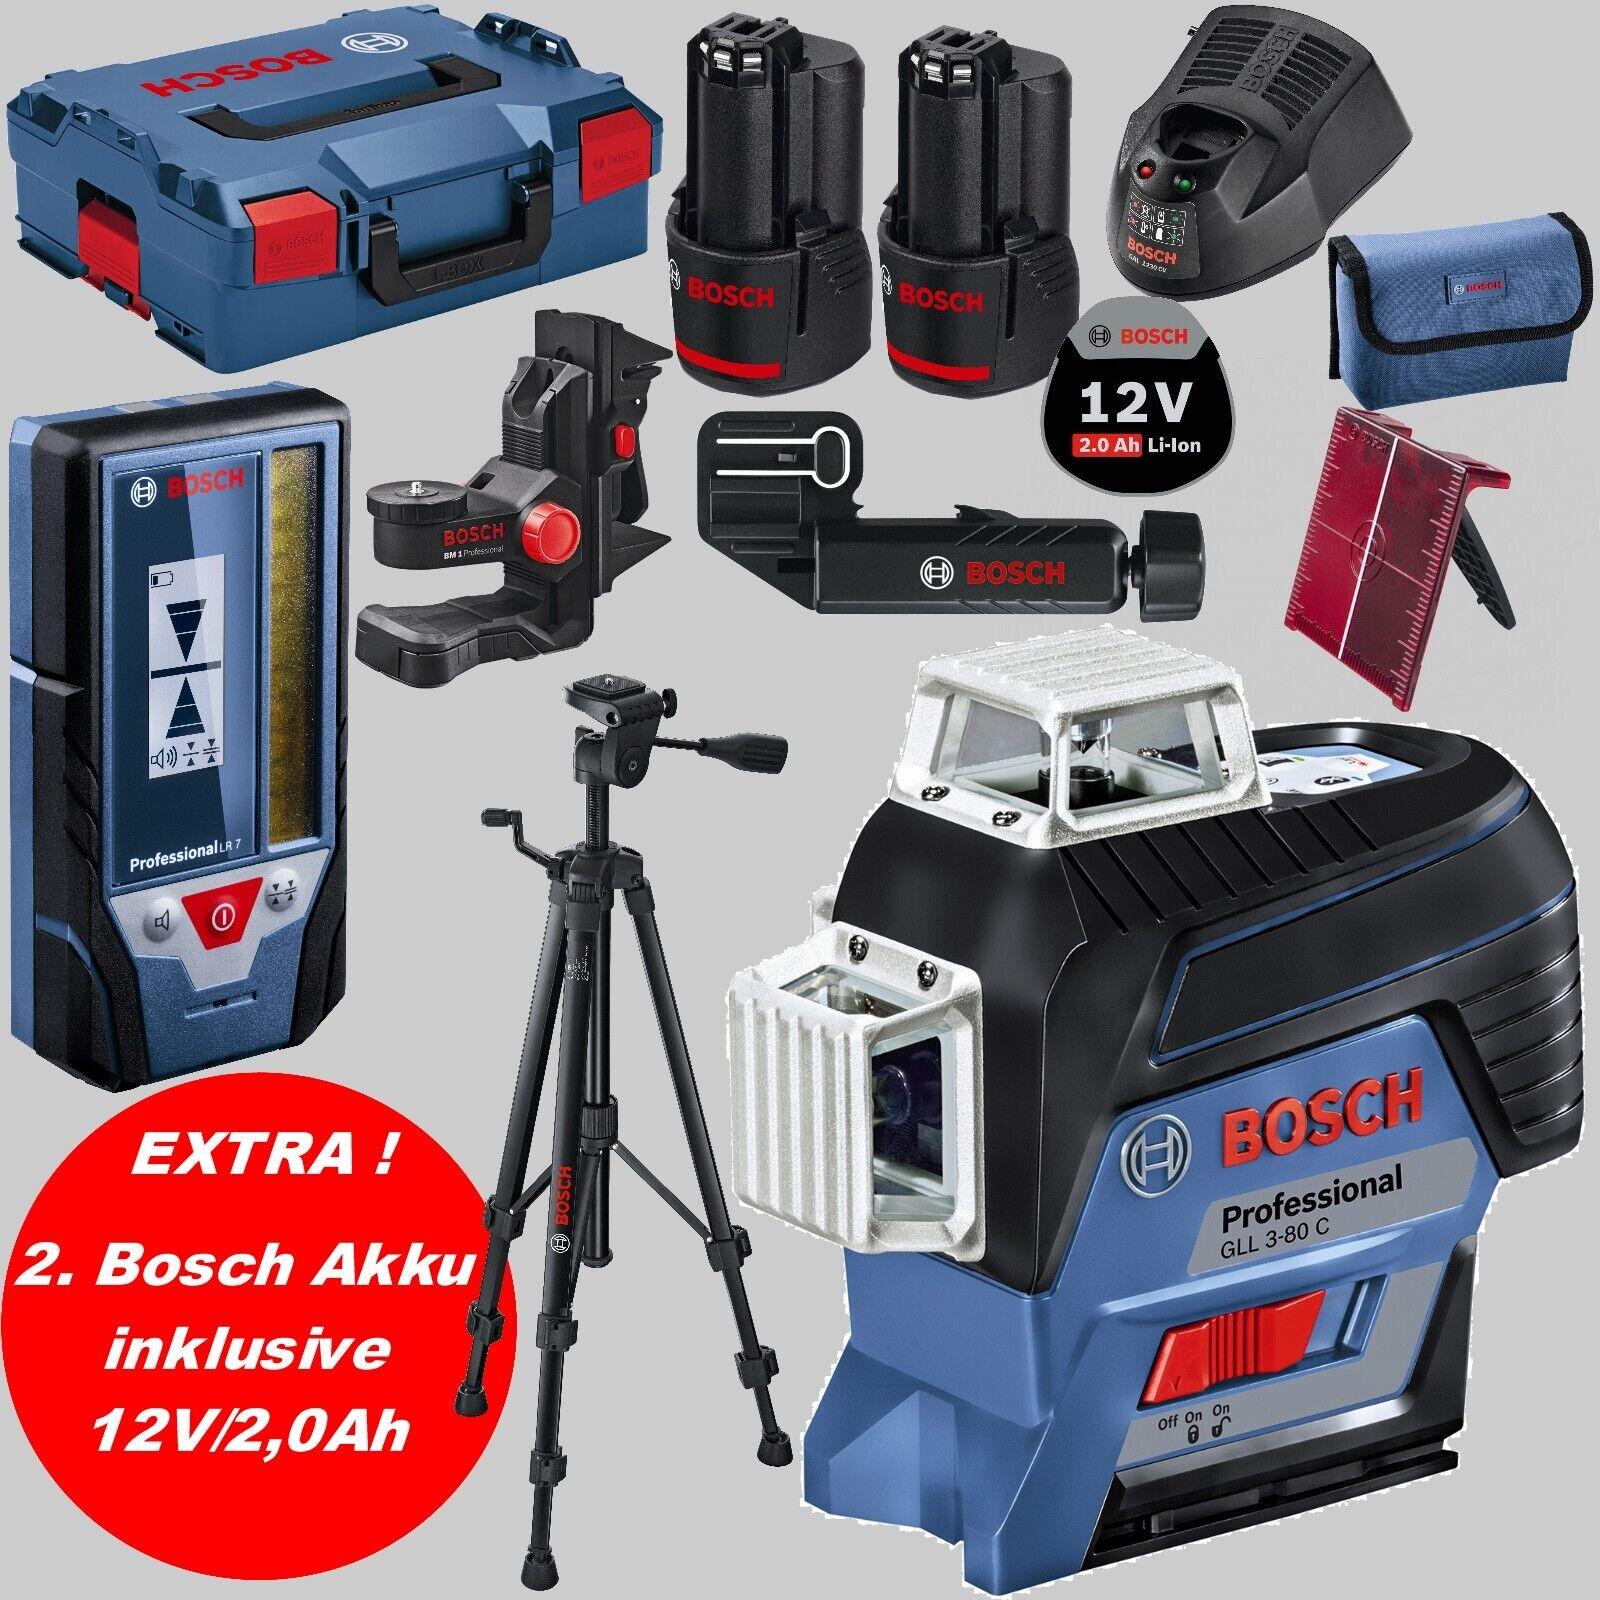 BOSCH Linienlaser GLL 3-80 C Laserempfänger LR 7 Stativ BT 150 +LG +2xAkku 2,0Ah